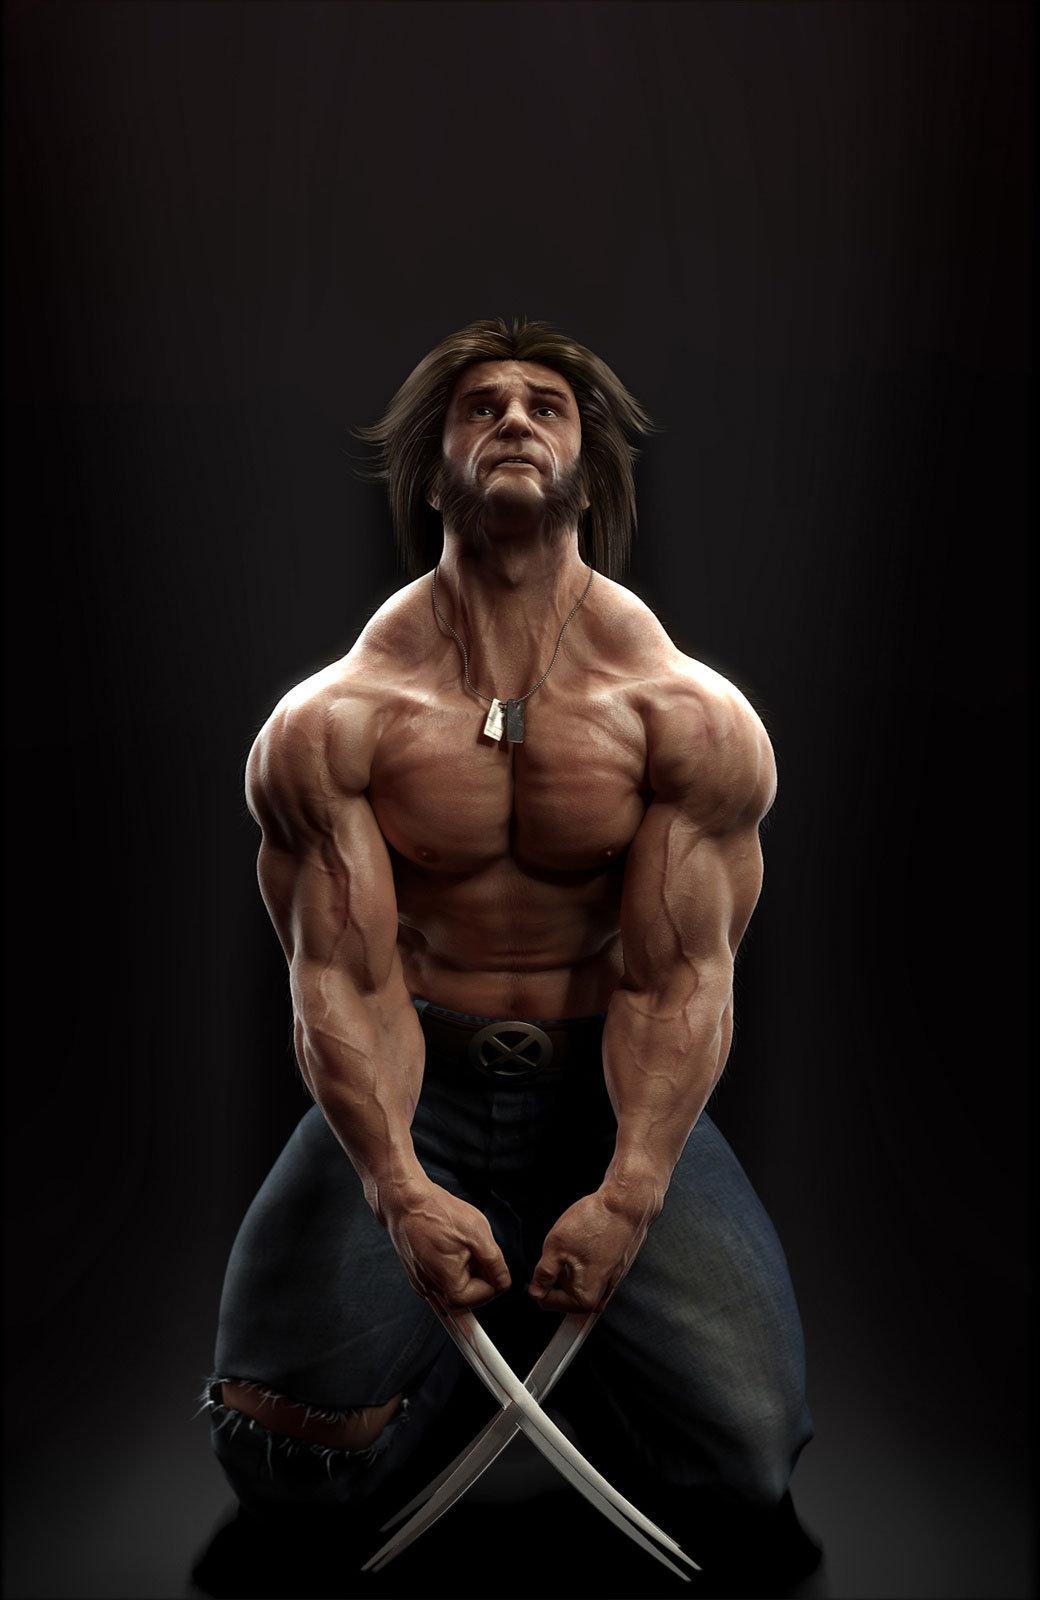 Wolverine's redemption